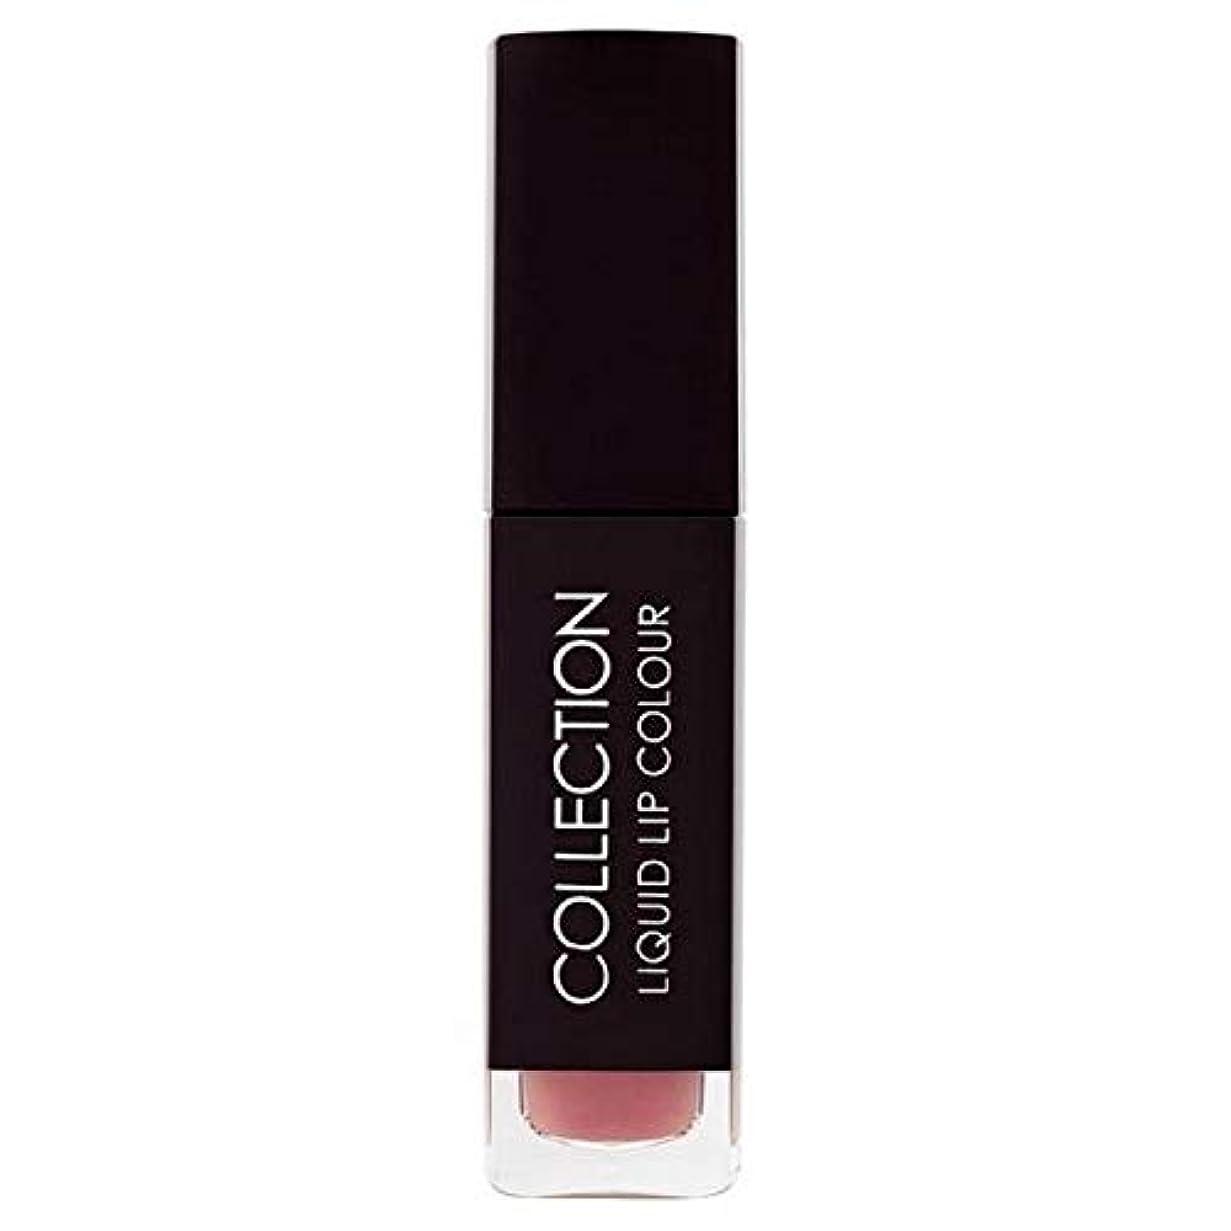 [Collection ] 収集液体リップカラー5ミリリットルヌードタフィー6 - Collection Liquid Lip Colour 5ml Nude Toffee 6 [並行輸入品]